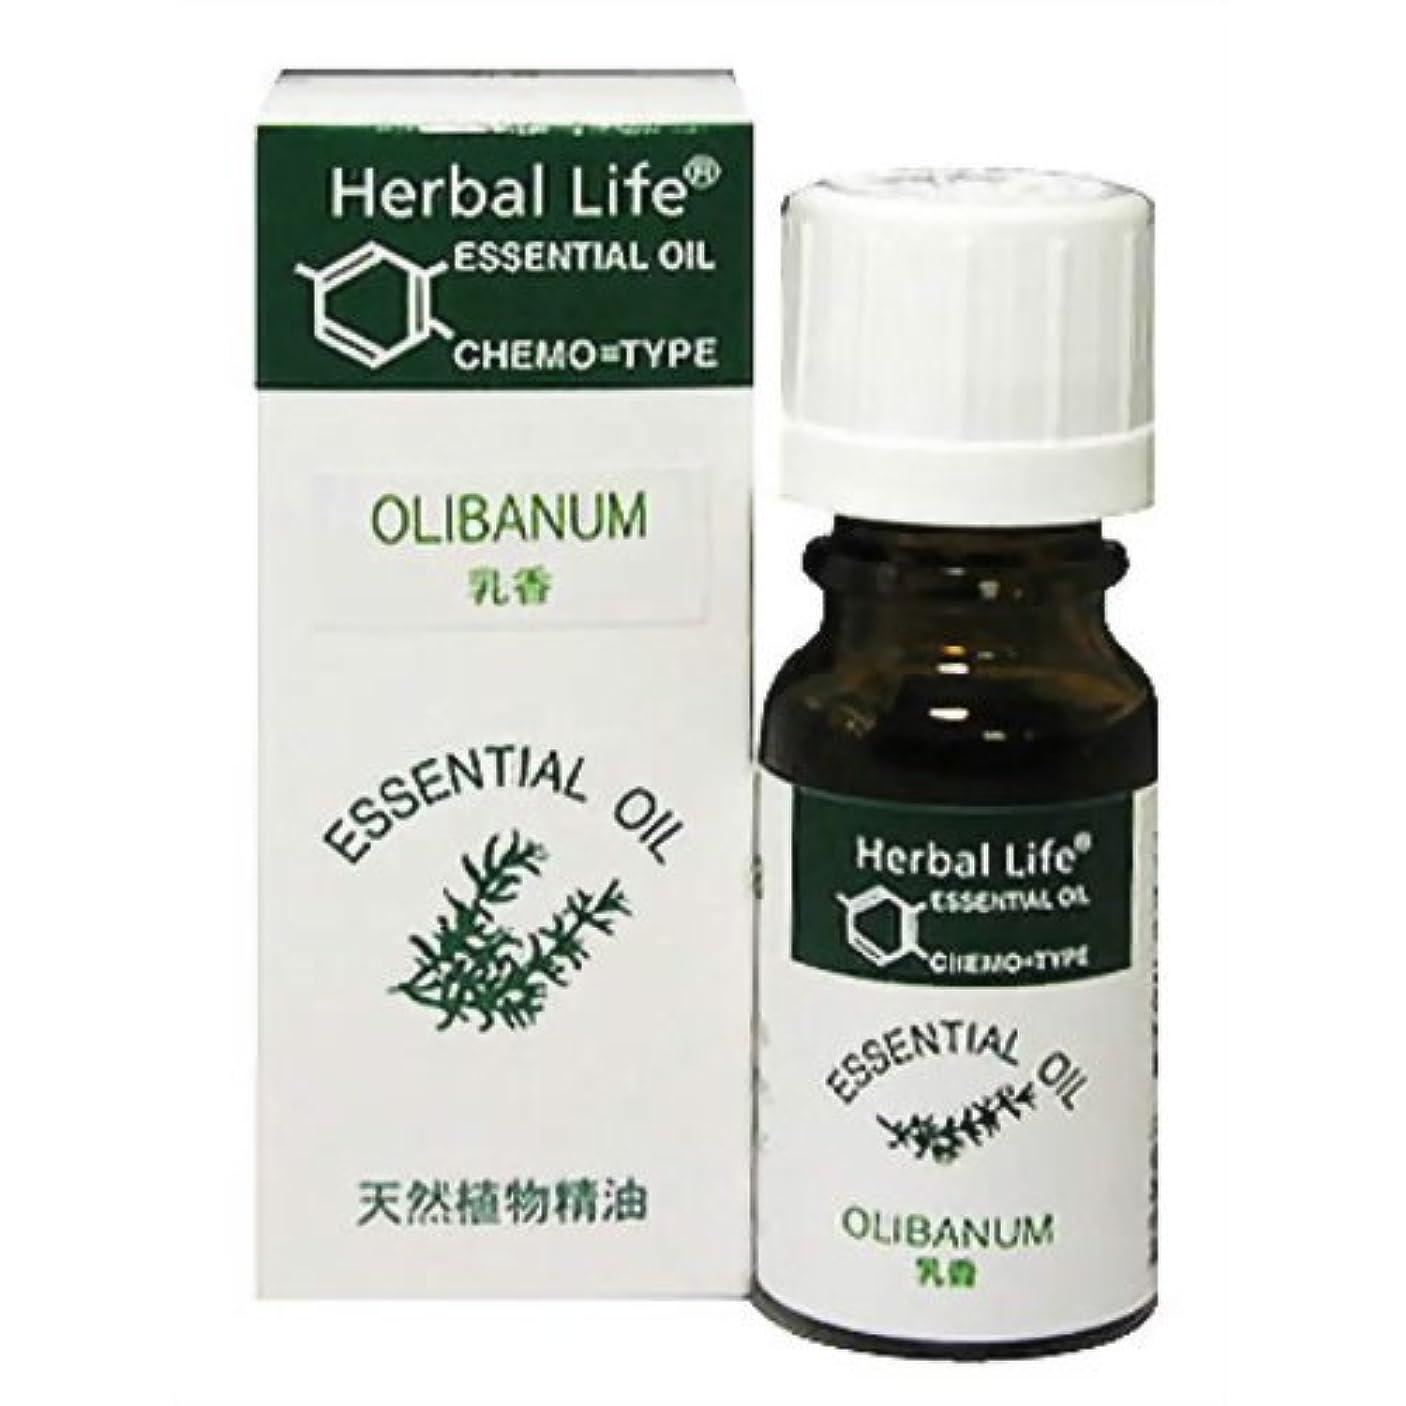 ゲスト読者失う生活の木 Herbal Life オリバナム(乳香?フランキンセンス) 10ml